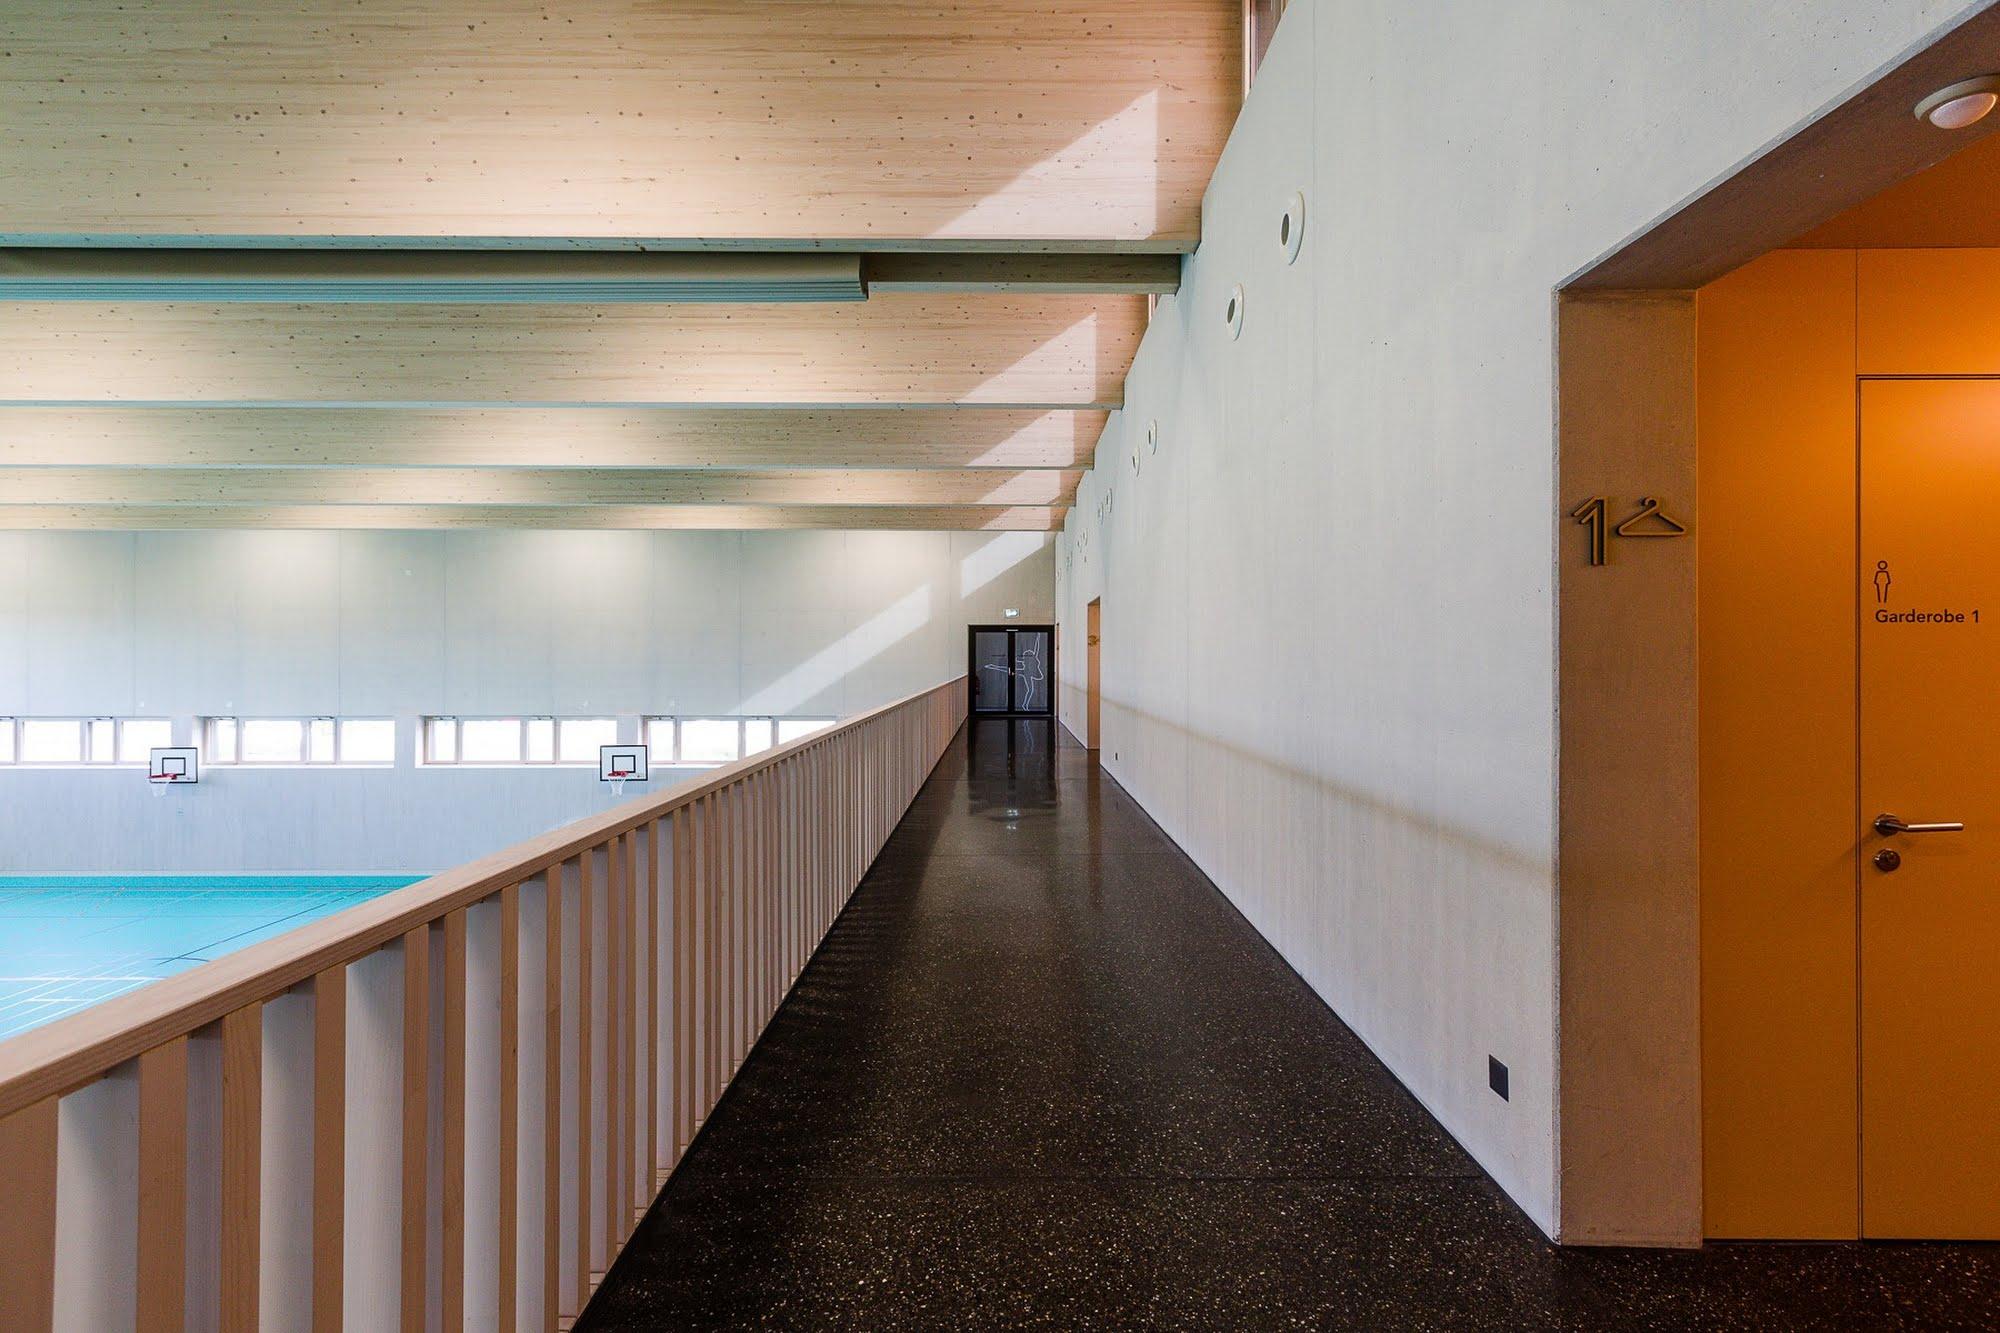 Öffentlich Neubau Doppelturnhalle in Schenkon Architektur,Wohnungsbau,Wohnhäuser,Einfamilienhäuser,Mehrfamilienhäuser